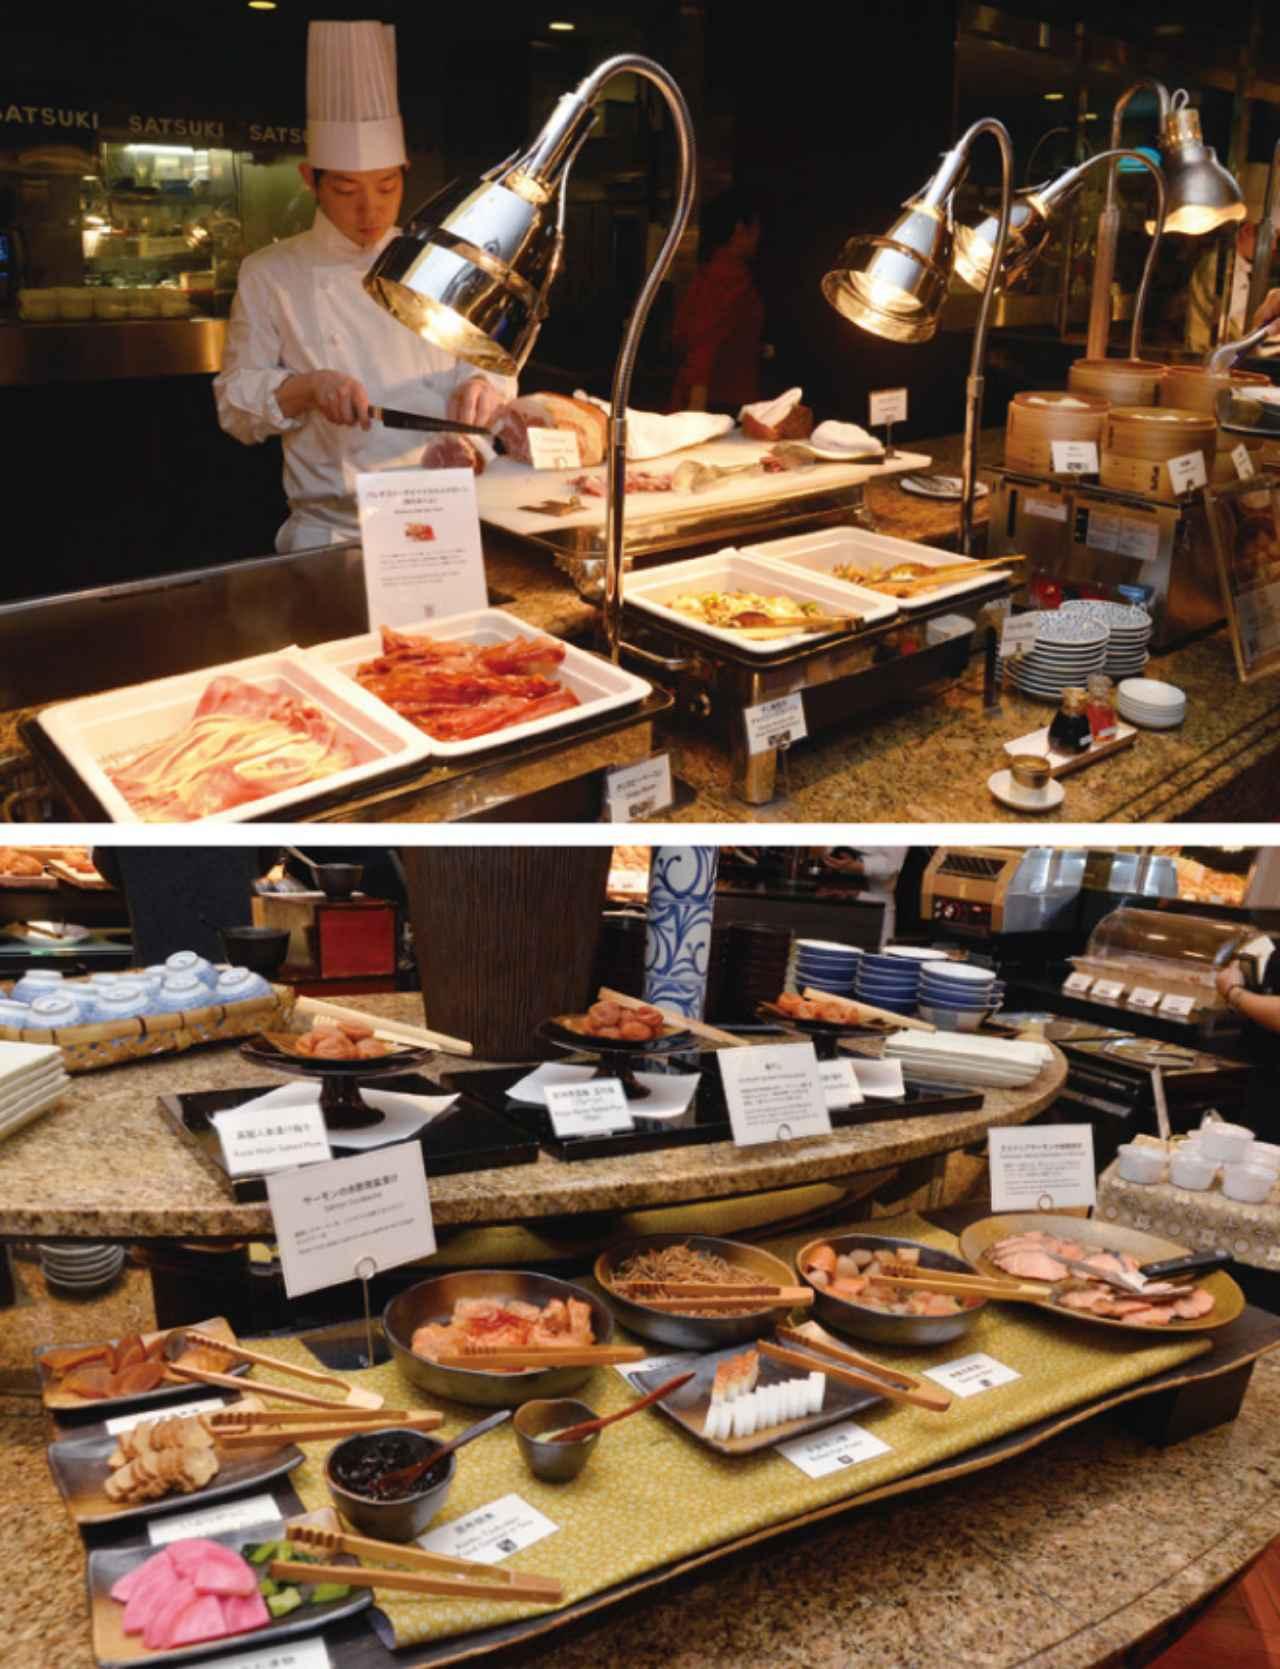 画像: 【TOKYO NEWS】 日本一!?の朝食ビュッフェ「新・最強の朝食」スタート